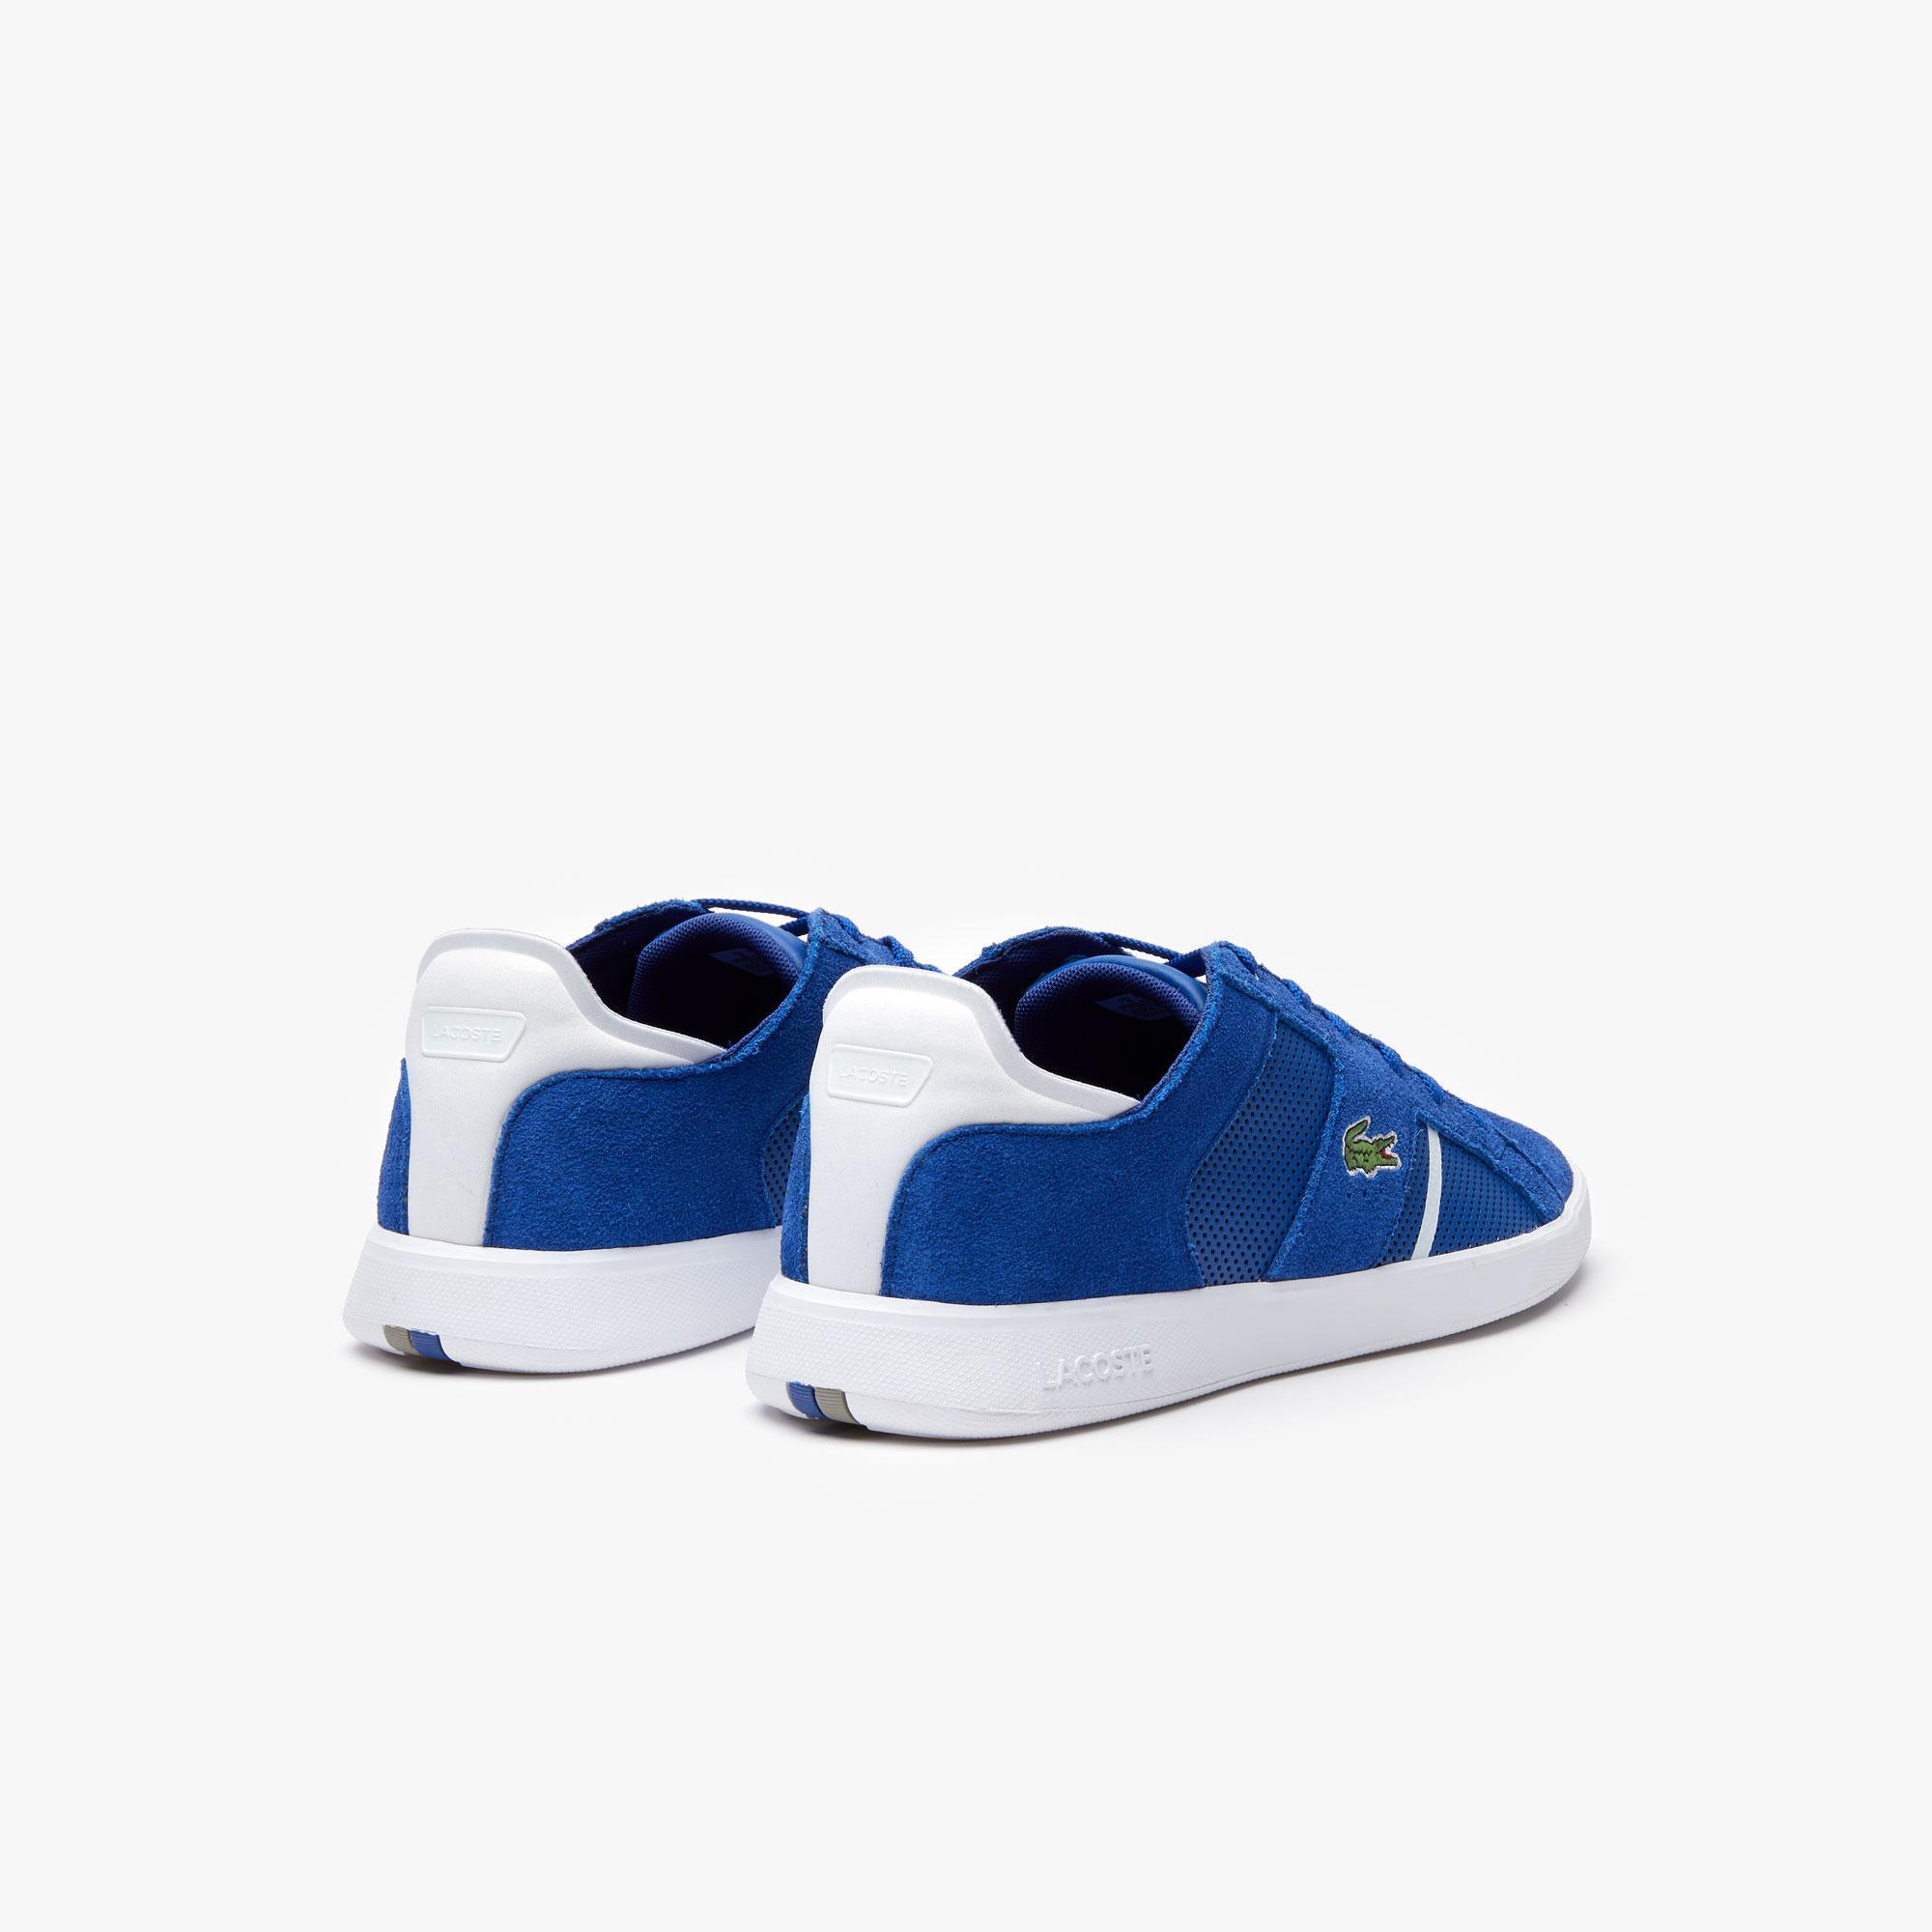 Lacoste кросівки чоловічі Novas